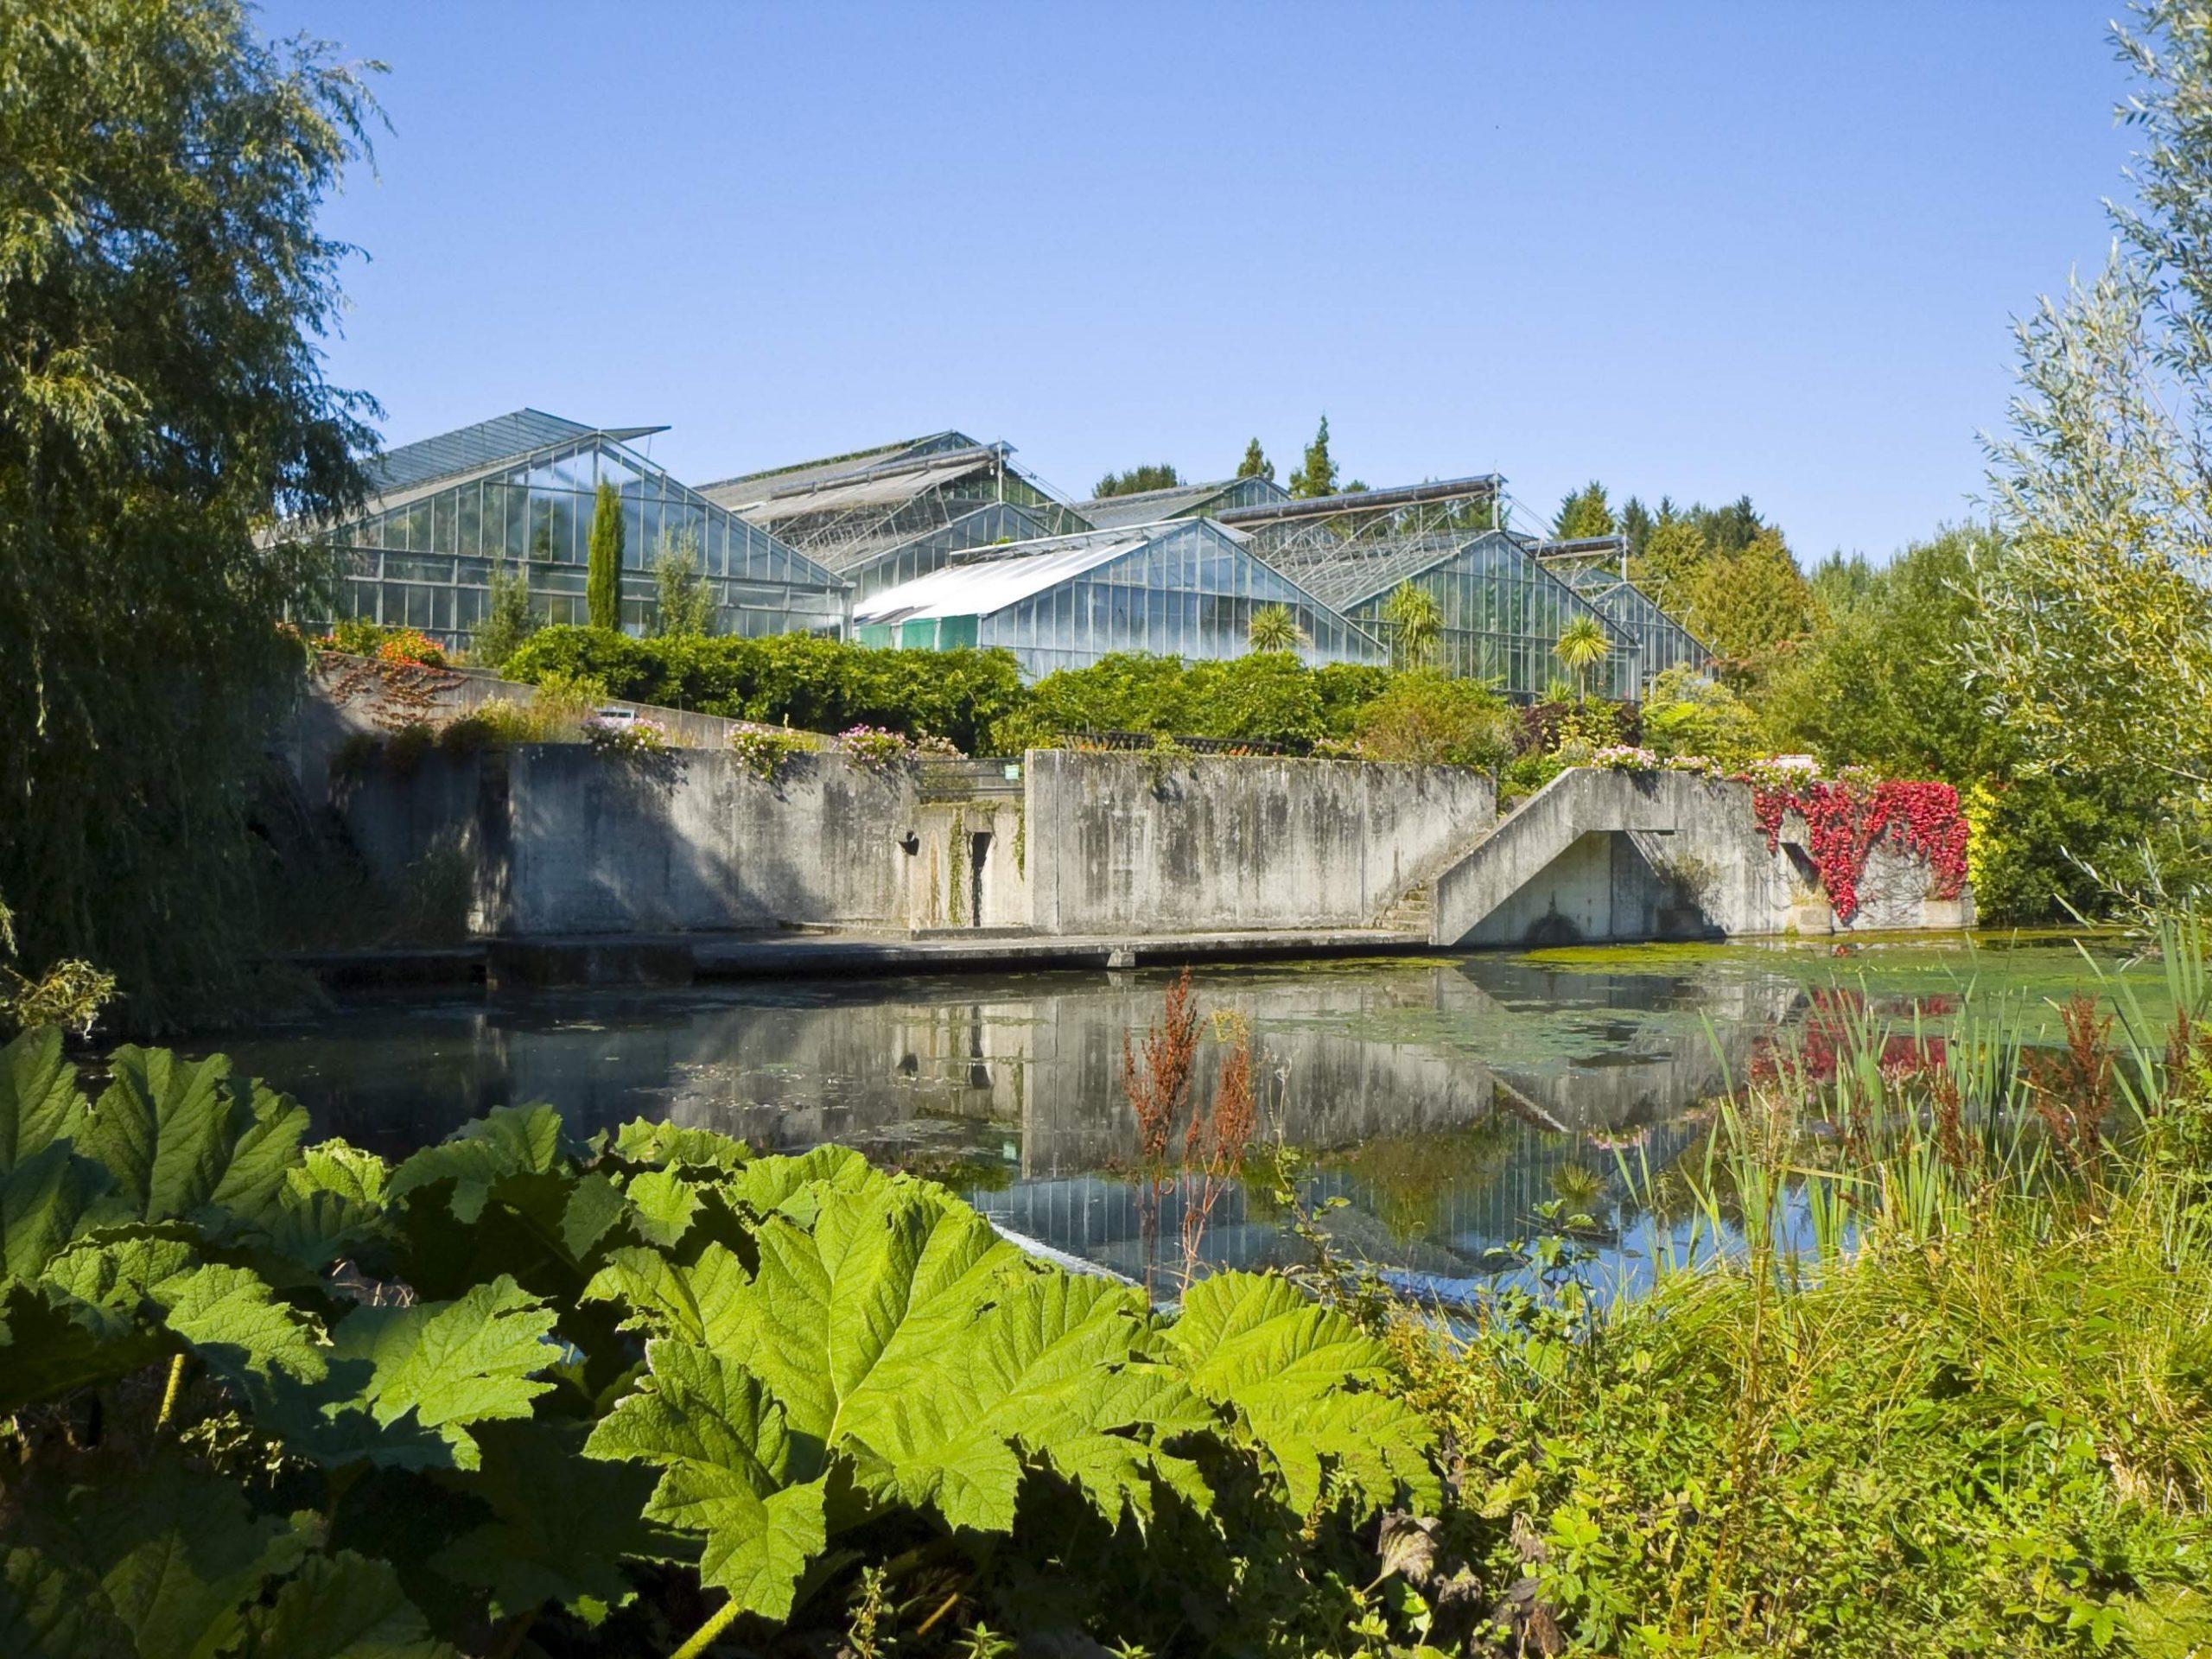 Botanischer Garten Marburg Luxus Datei Neuer Botanischer Garten Gewächshaus 002 –